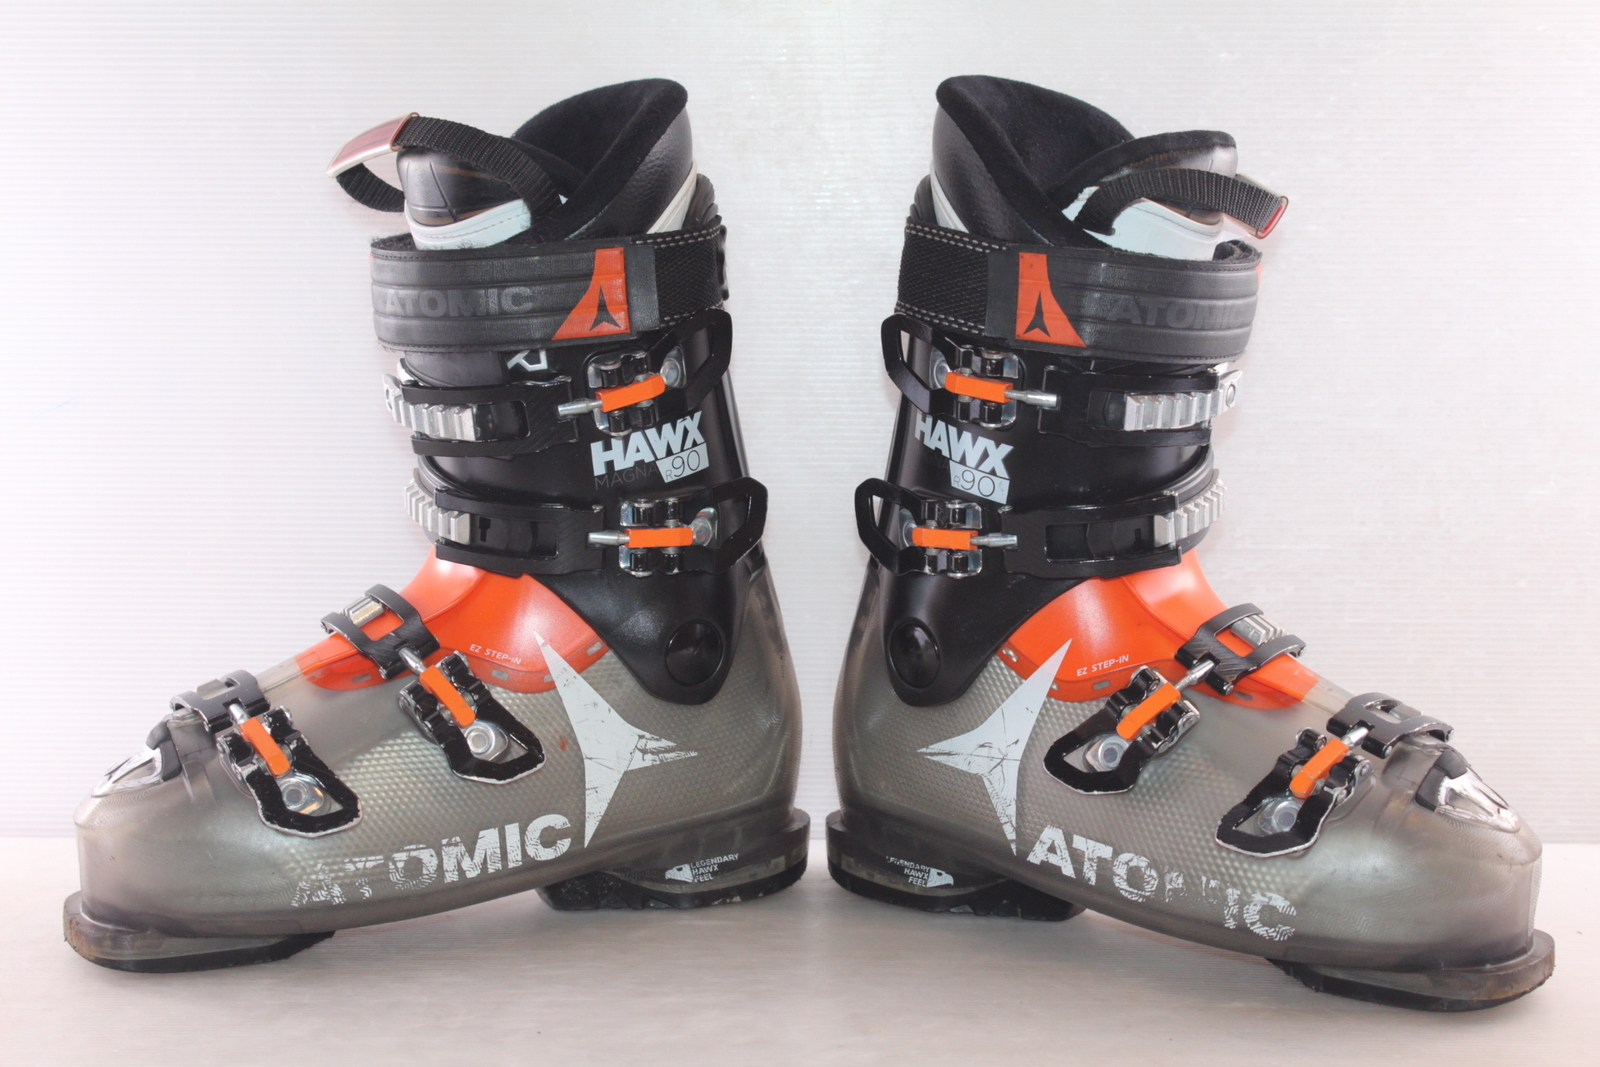 Lyžařské boty Atomic Hawx R90 vel. EU42.5 flexe 90